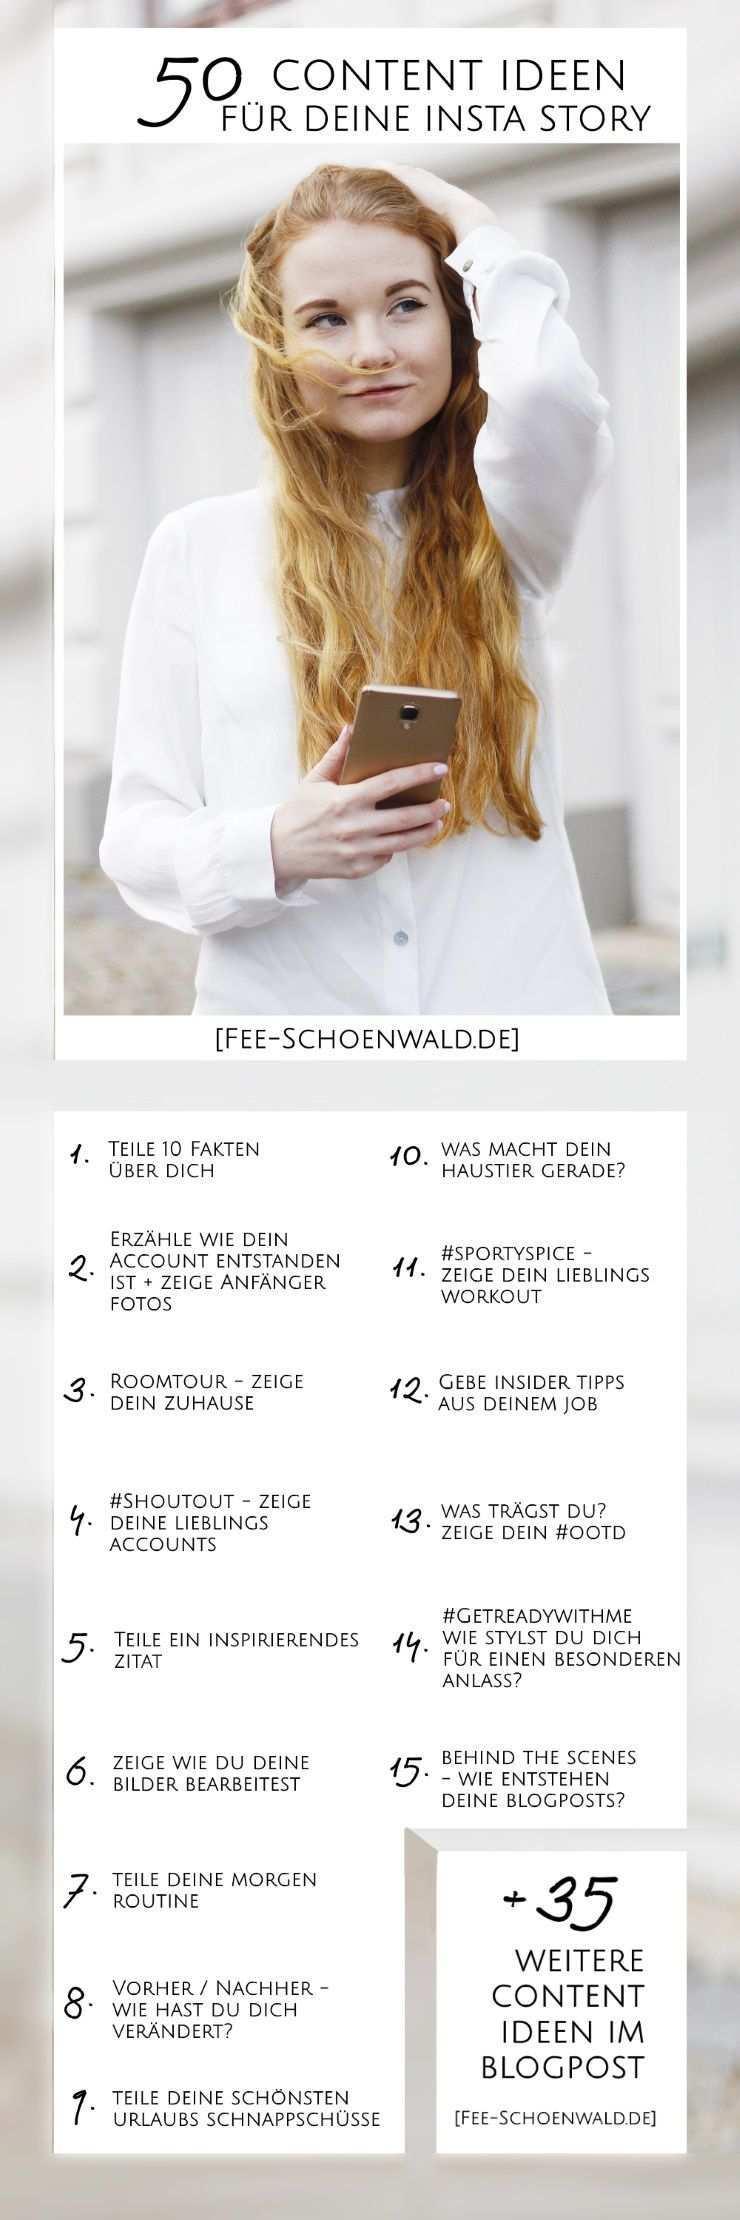 Fee Schoenwald Blogger Tipps 50 Content Ideen Instagram Story Instagram Tipps Tipps Instagram